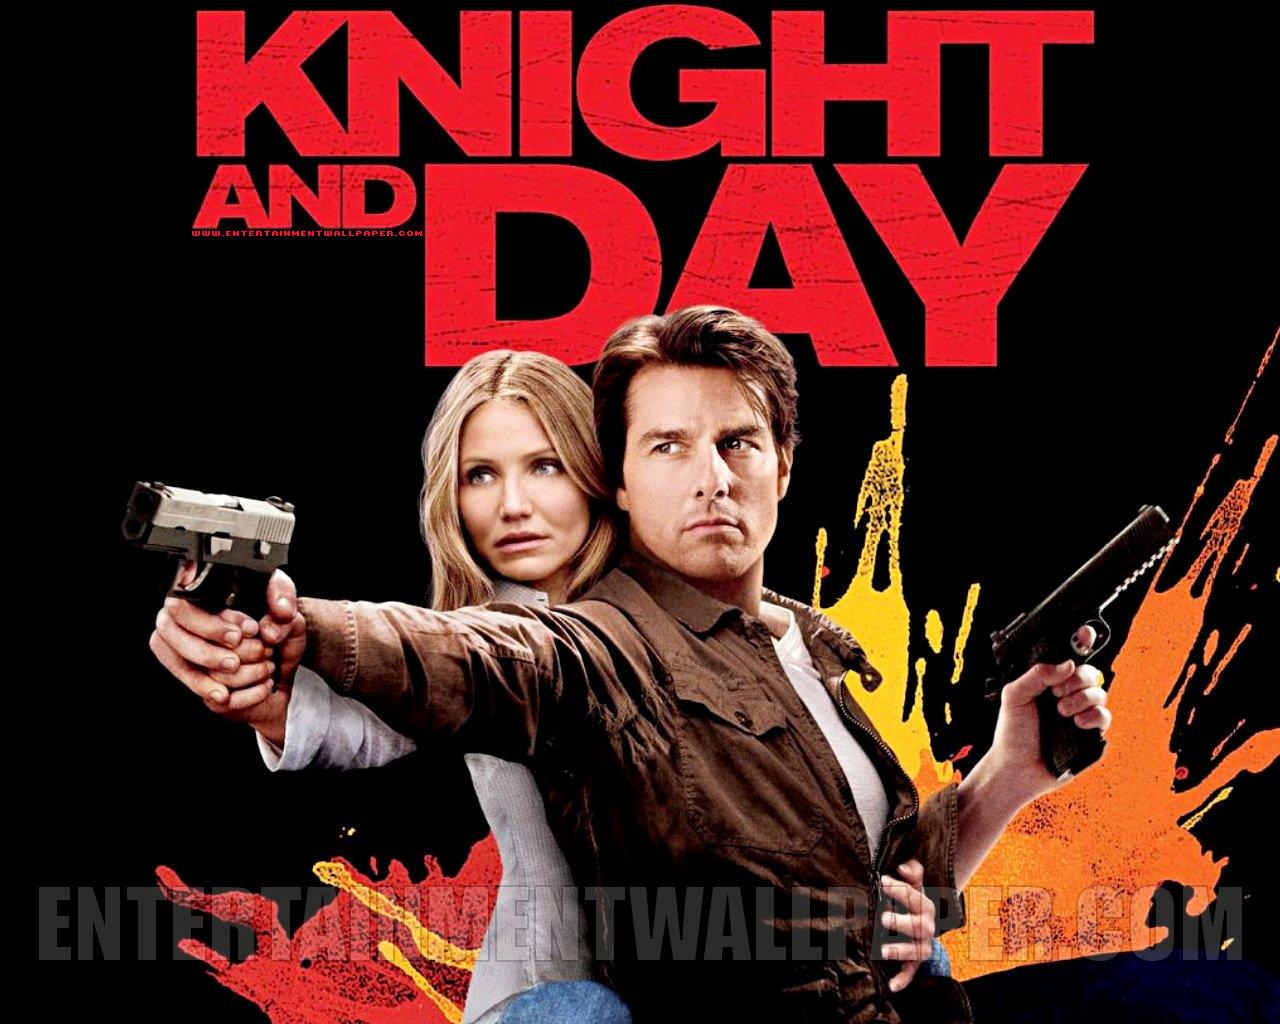 http://4.bp.blogspot.com/_OJmOvzpoxqU/TEXRKHbsG4I/AAAAAAAAAt0/1StEOxJSCbY/s1600/knight_day03.jpg